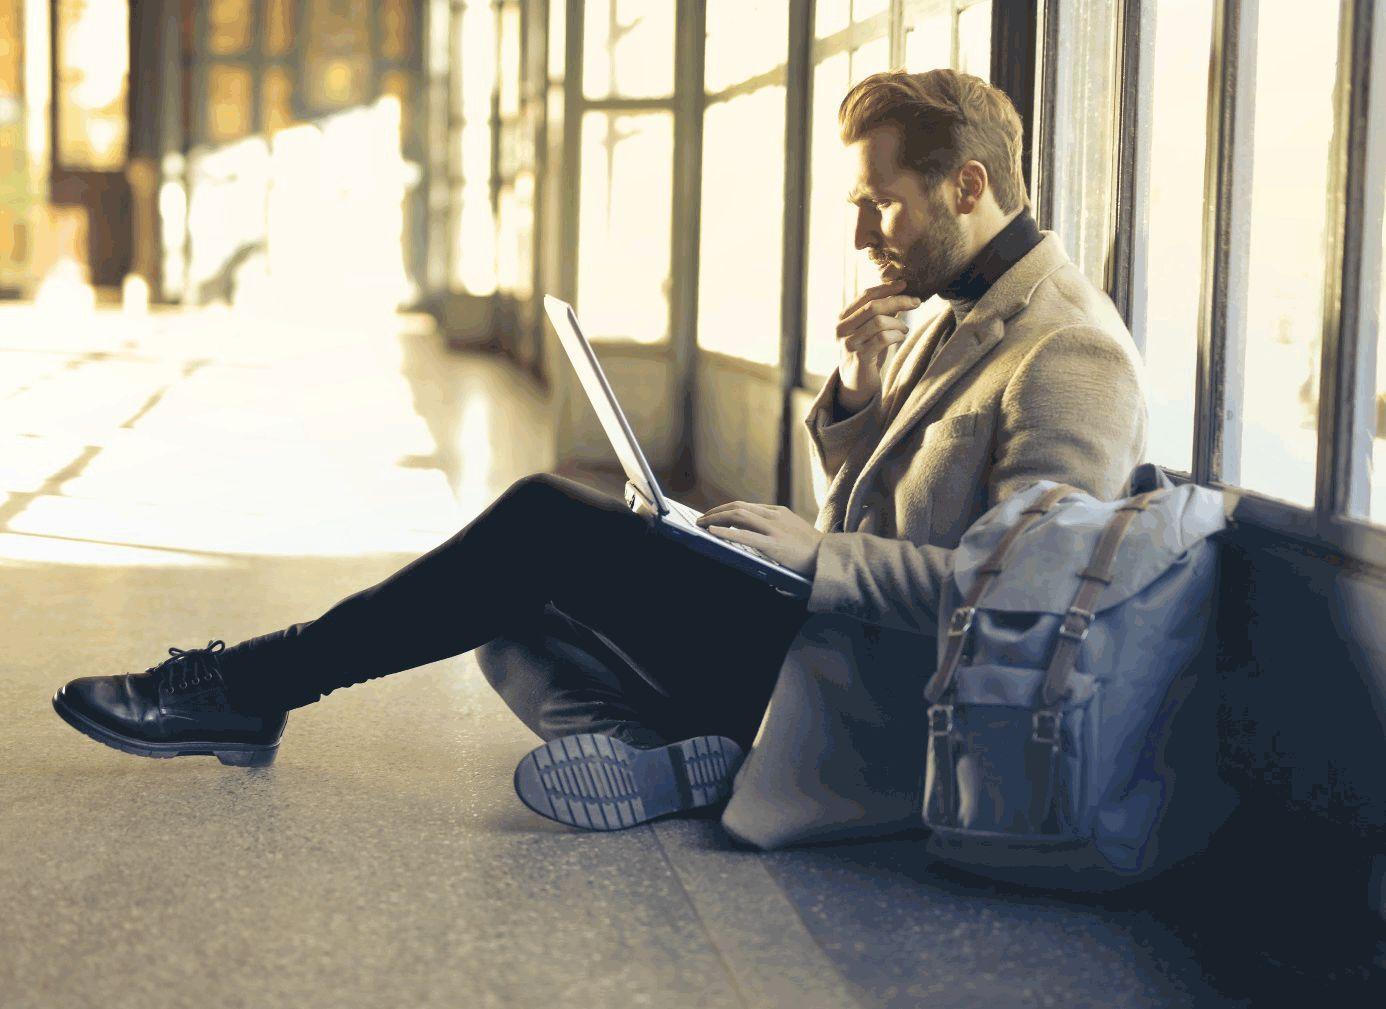 Mann sitzt mit Laptop auf dem Boden in einem leeren Raum.